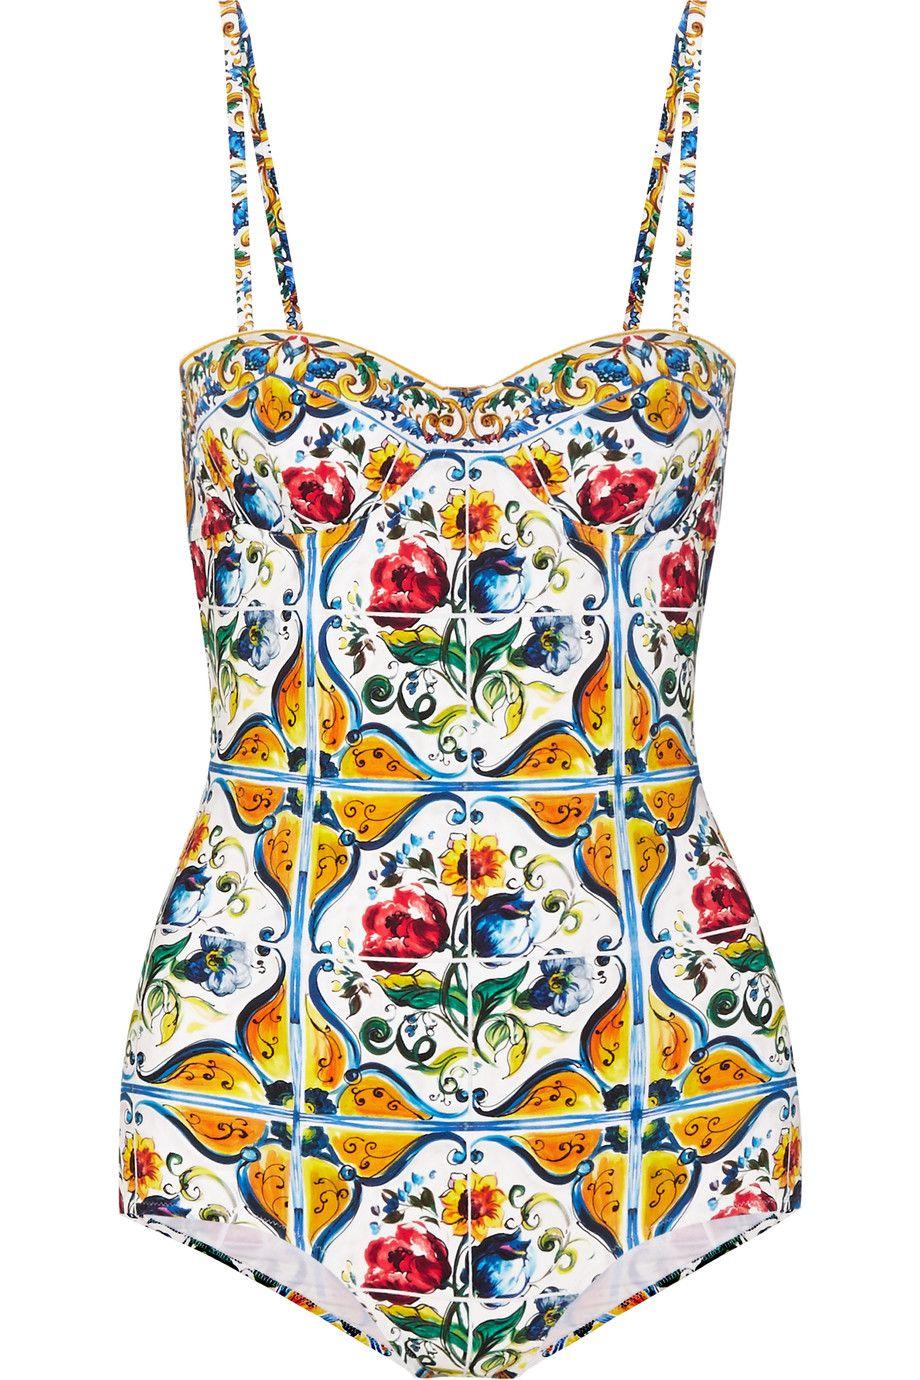 e62e33c8deca3 DOLCE & GABBANA . #dolcegabbana #cloth #swimsuit | Dolce & Gabbana ...